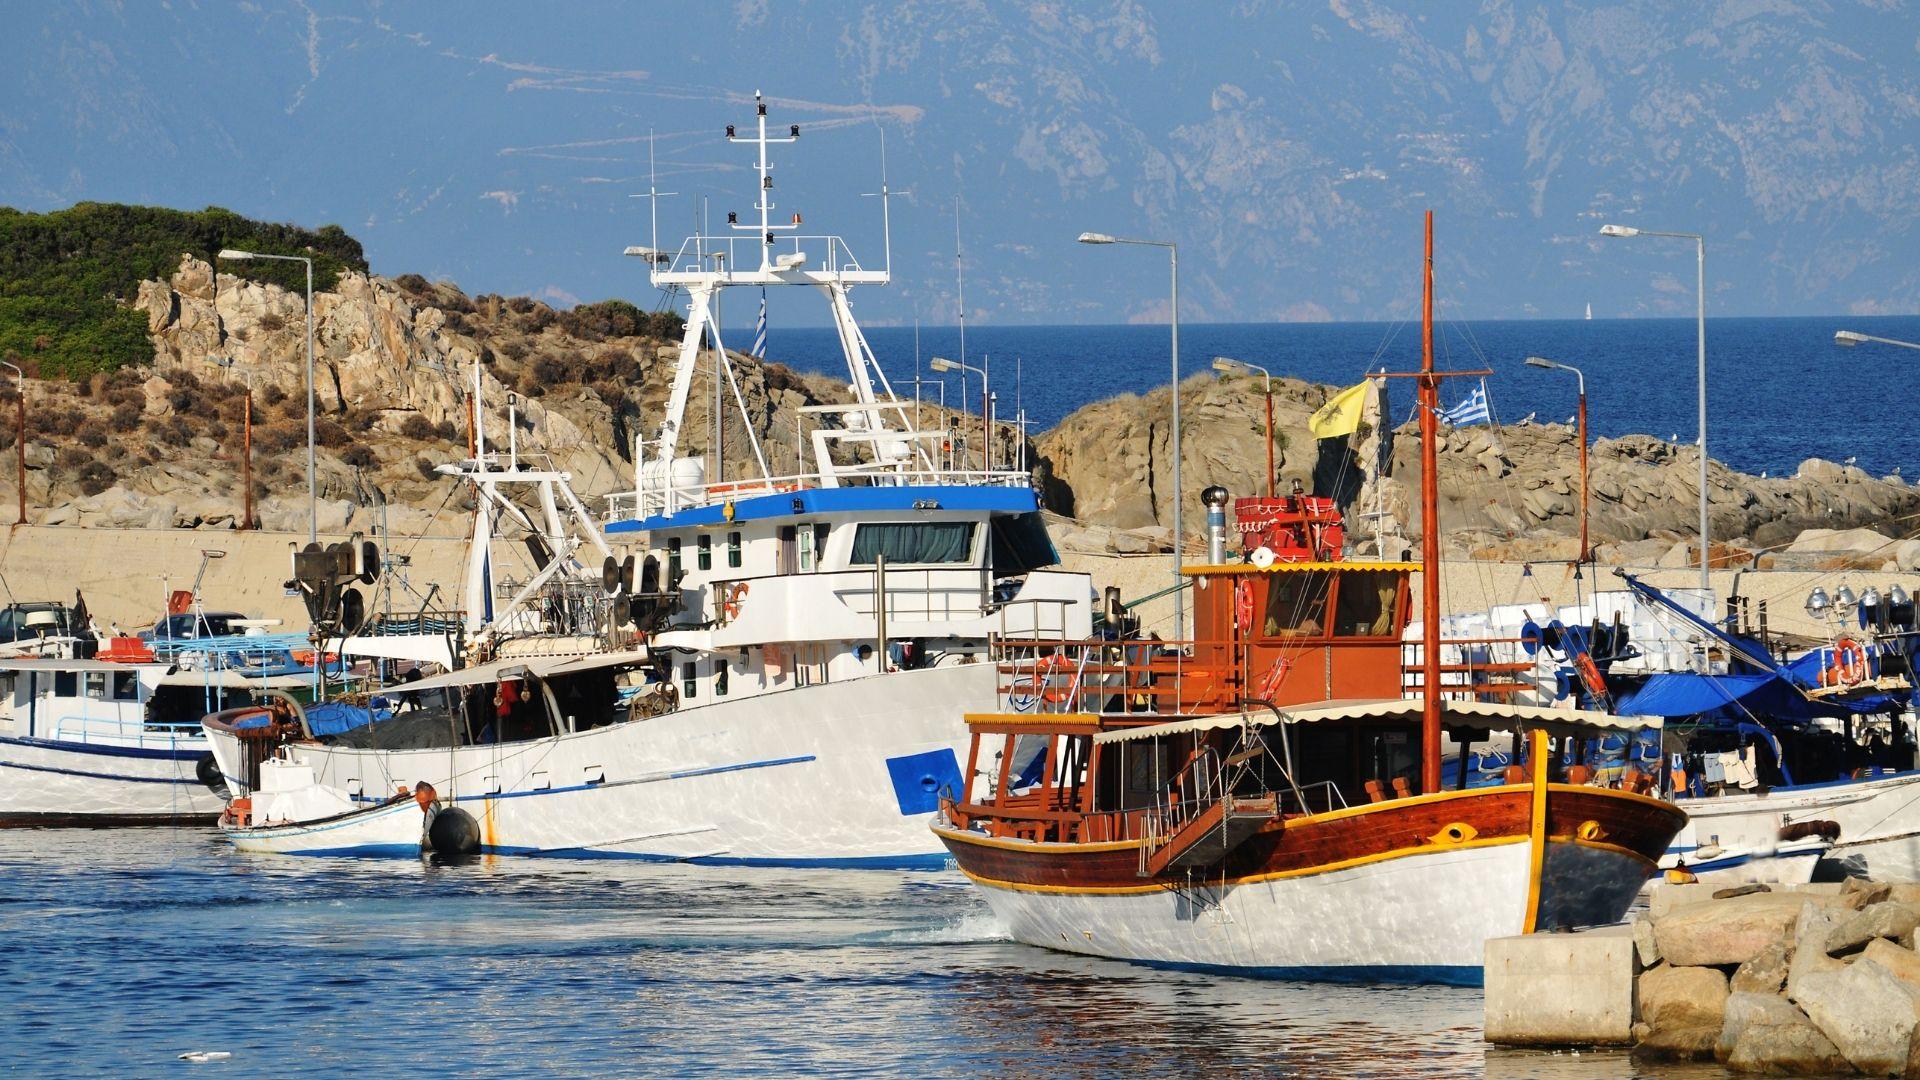 Best things to do in Mykonos